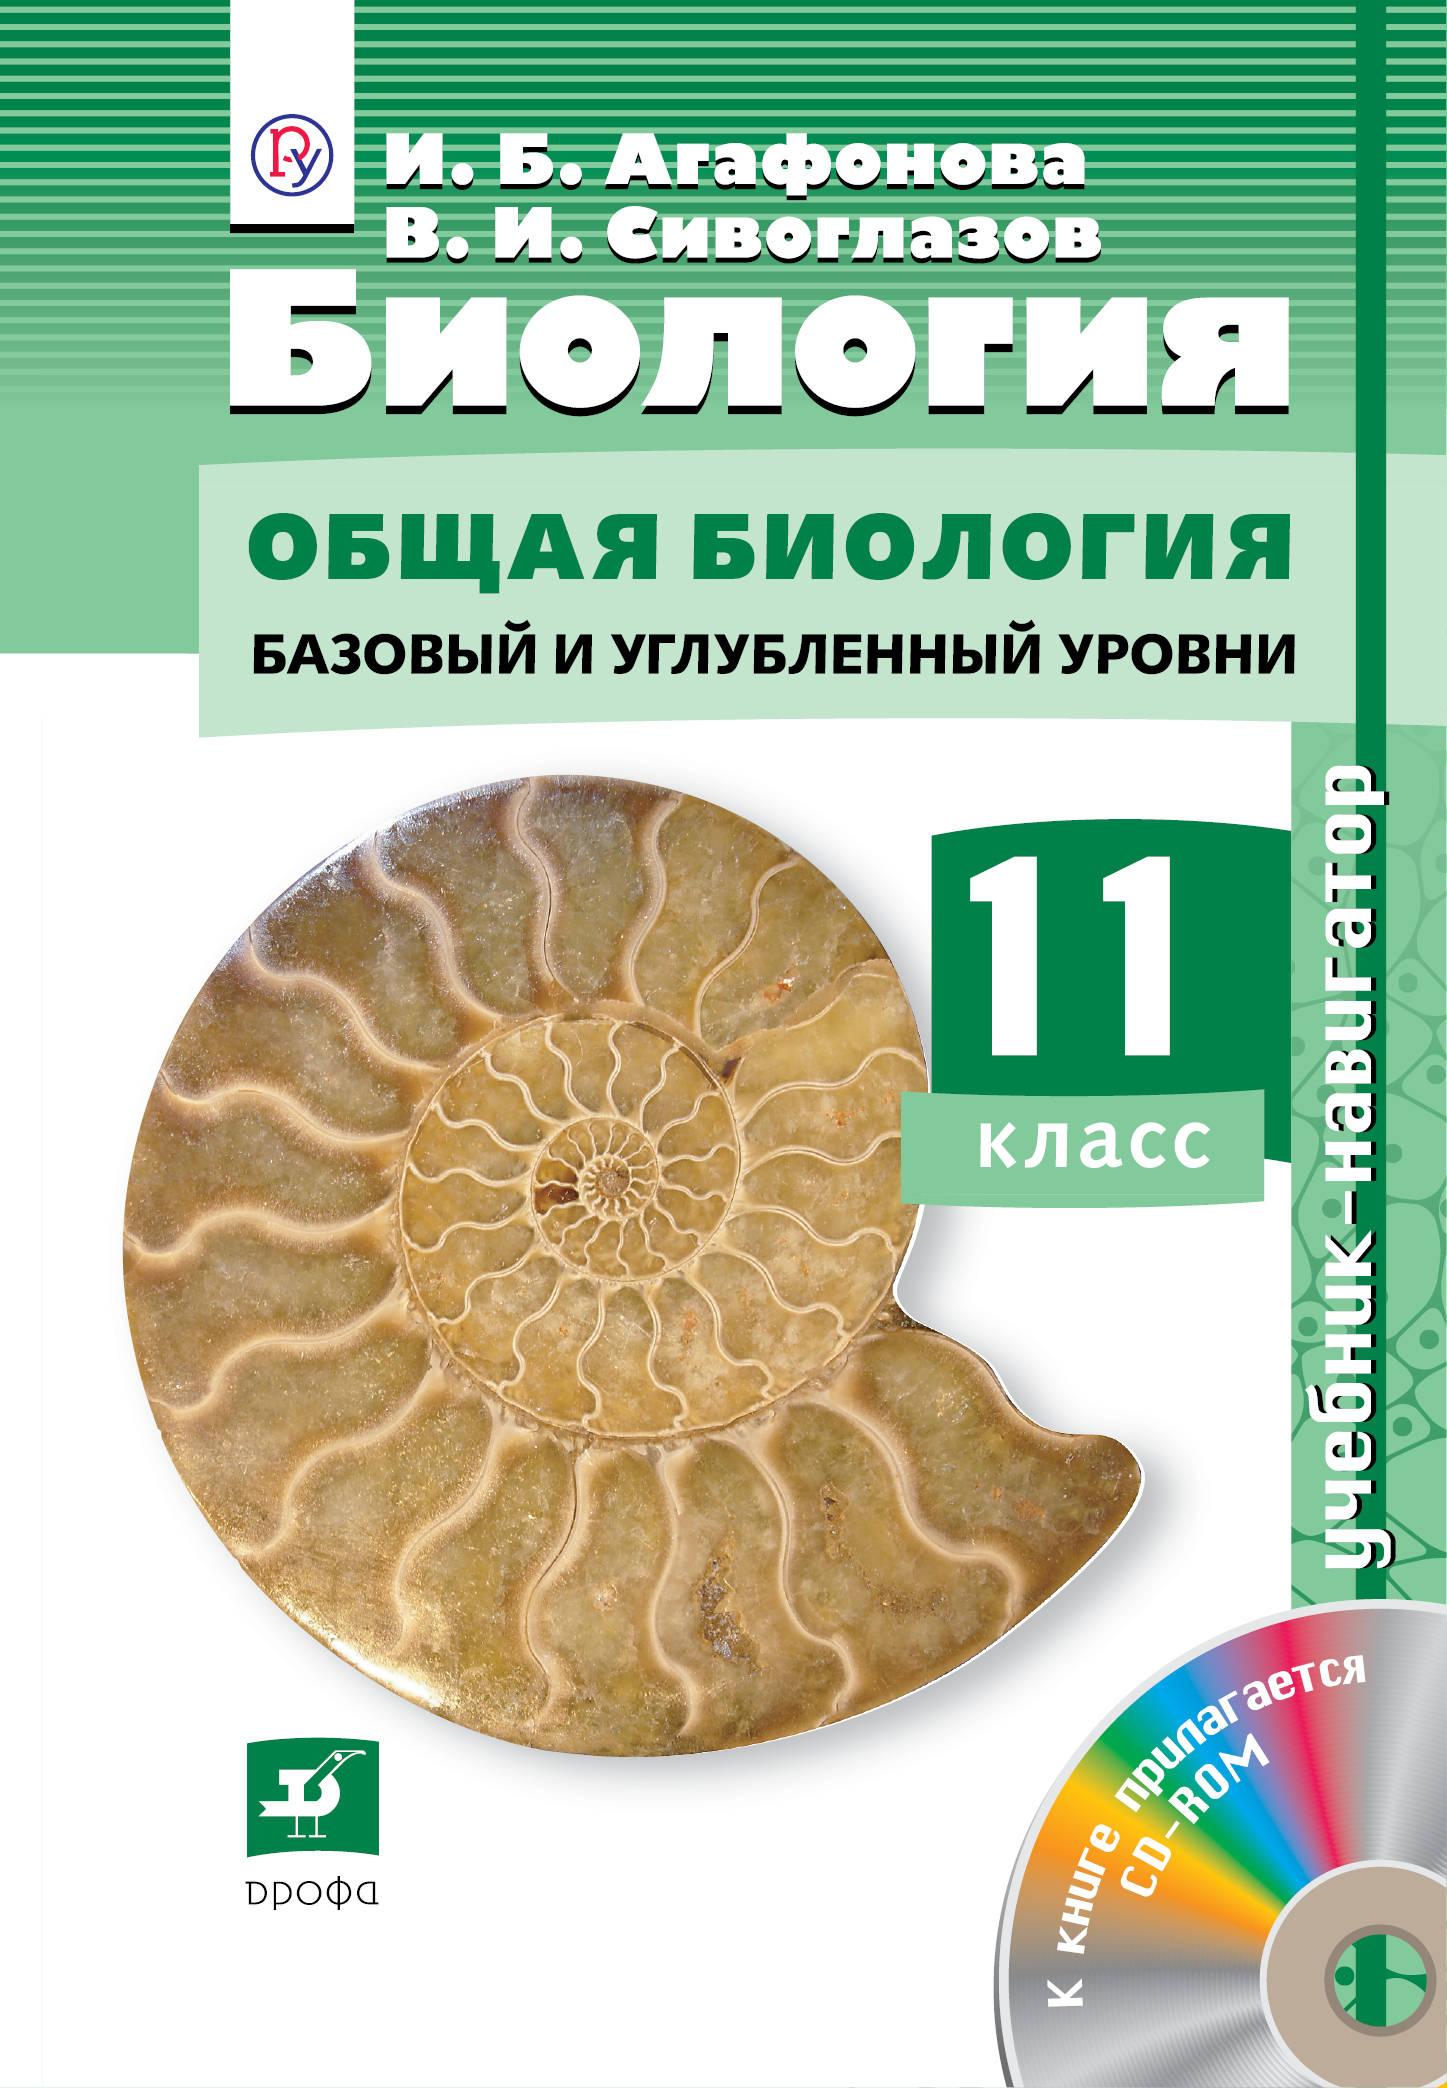 Сивоглазов В.И. Биология.Навигатор.11кл. Учебник + CD (ФГОС) Баз и угл ур цены